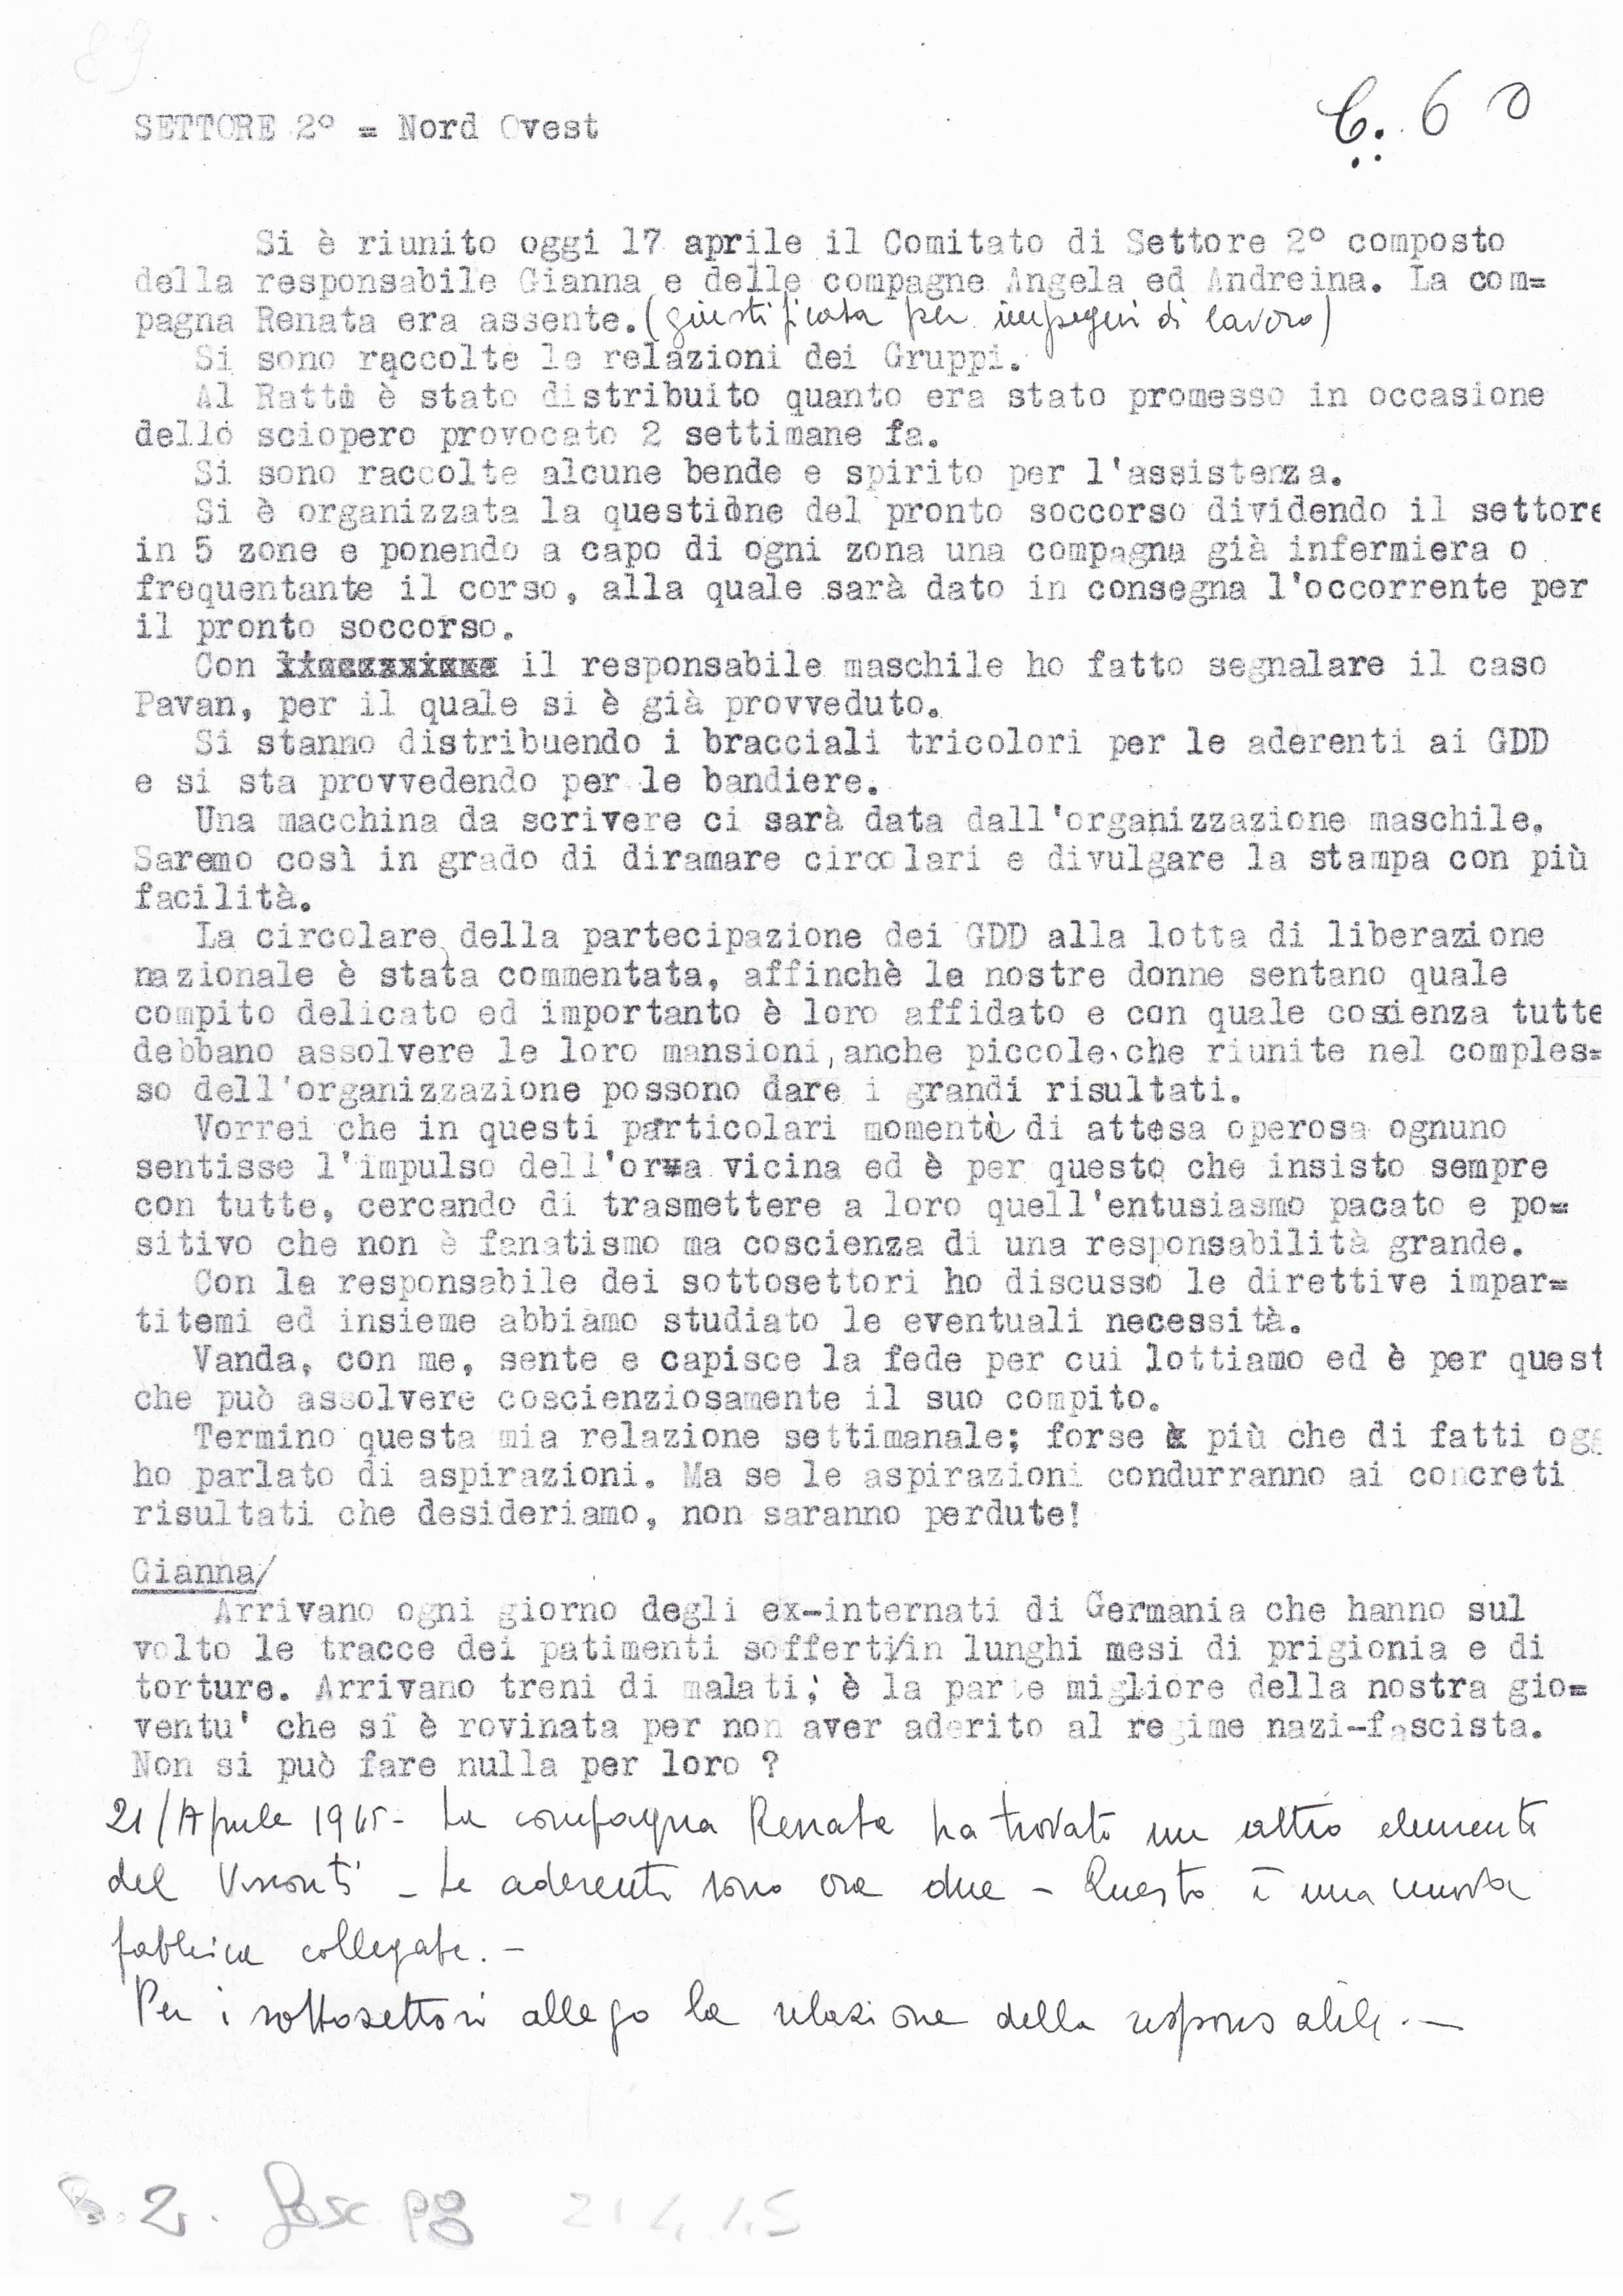 documento dei GDD conservato presso l'Archivio centrale dell'UDI